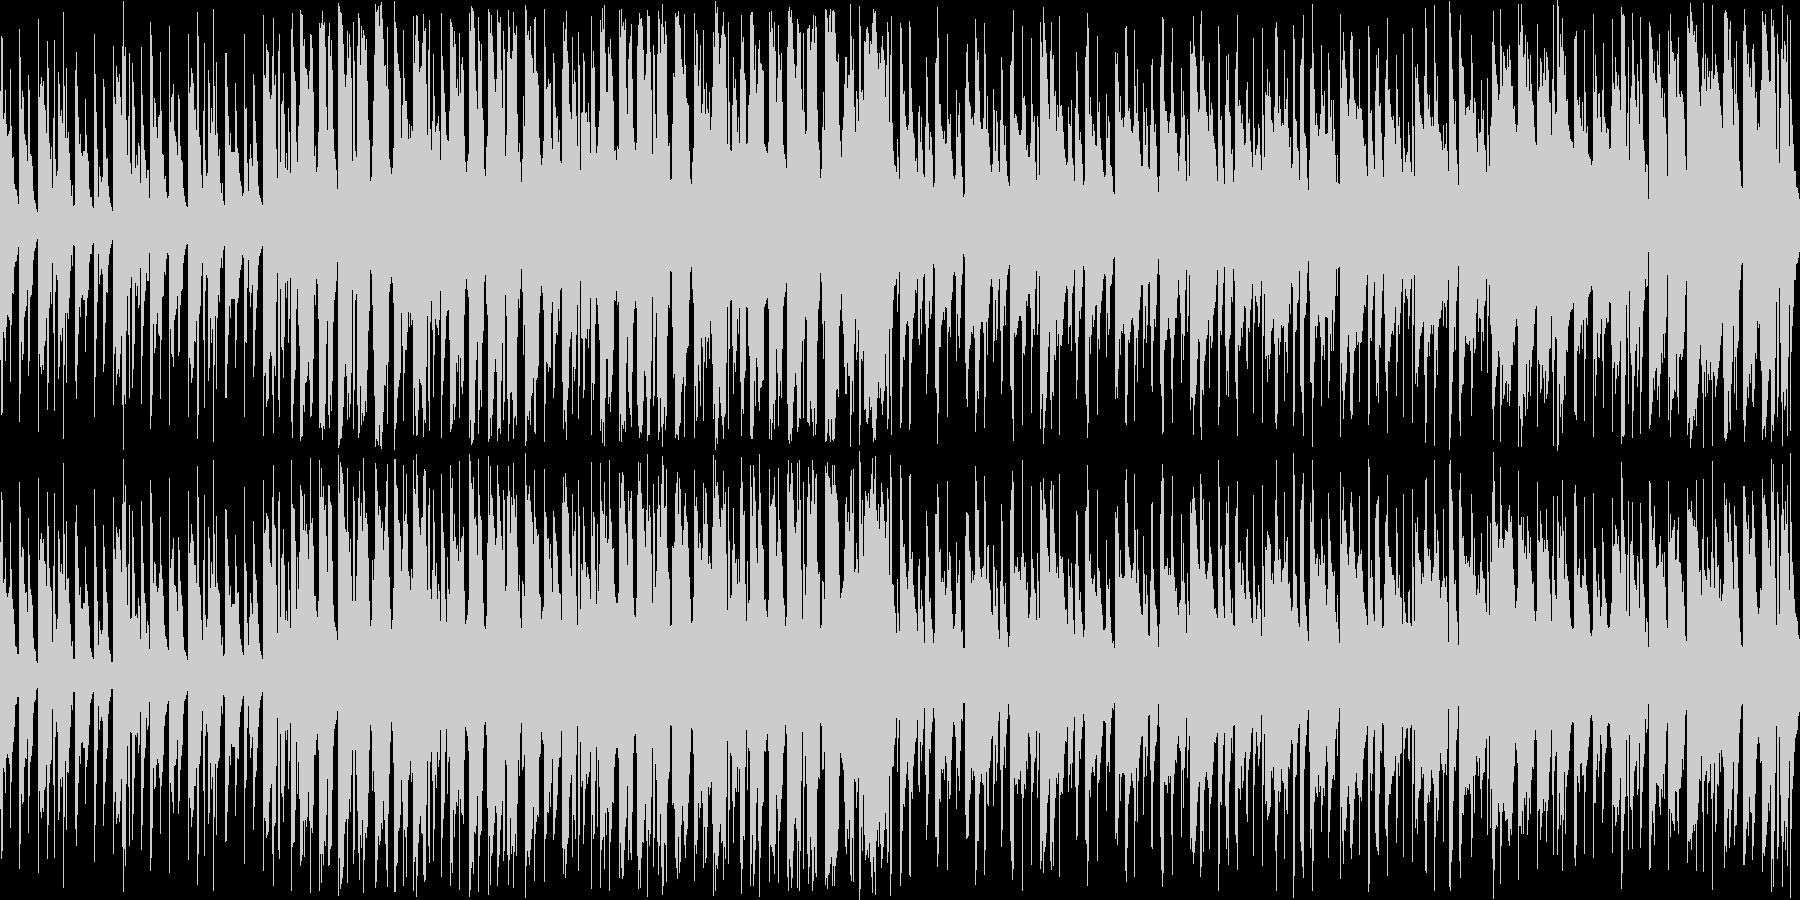 【ループ】楽しく弾むような、明るいBGMの未再生の波形